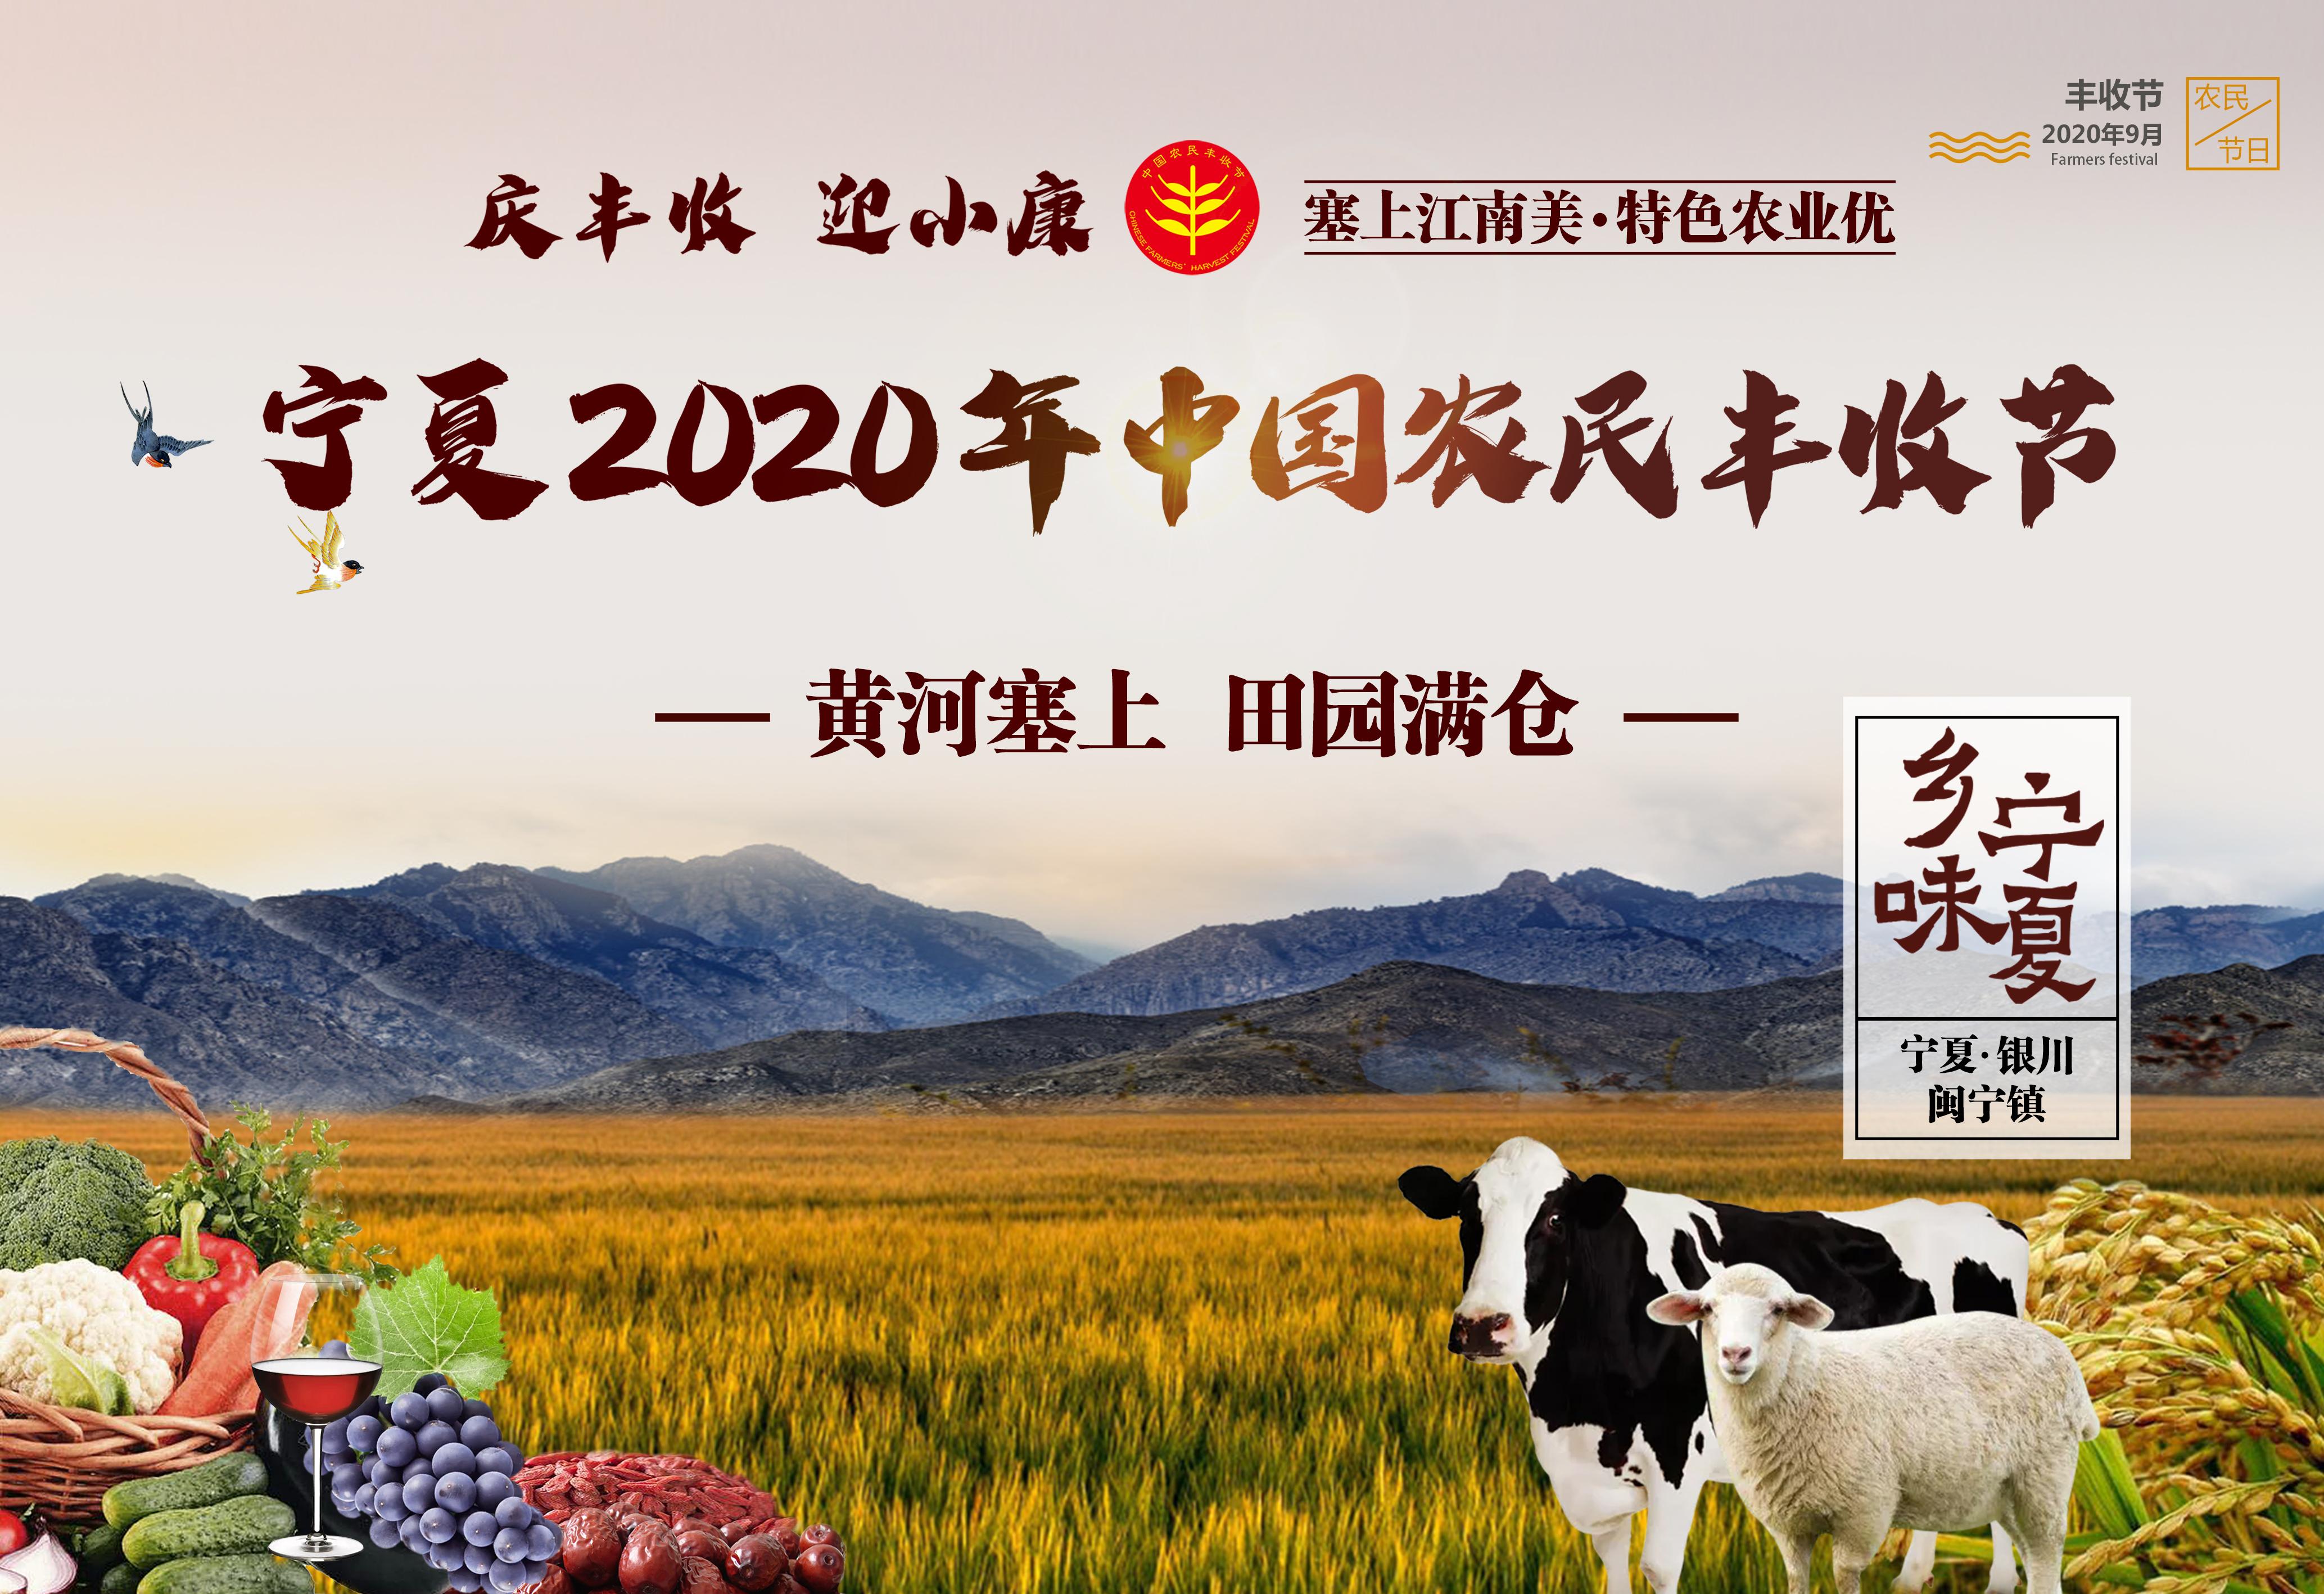 寧夏2020年中國農民豐收節